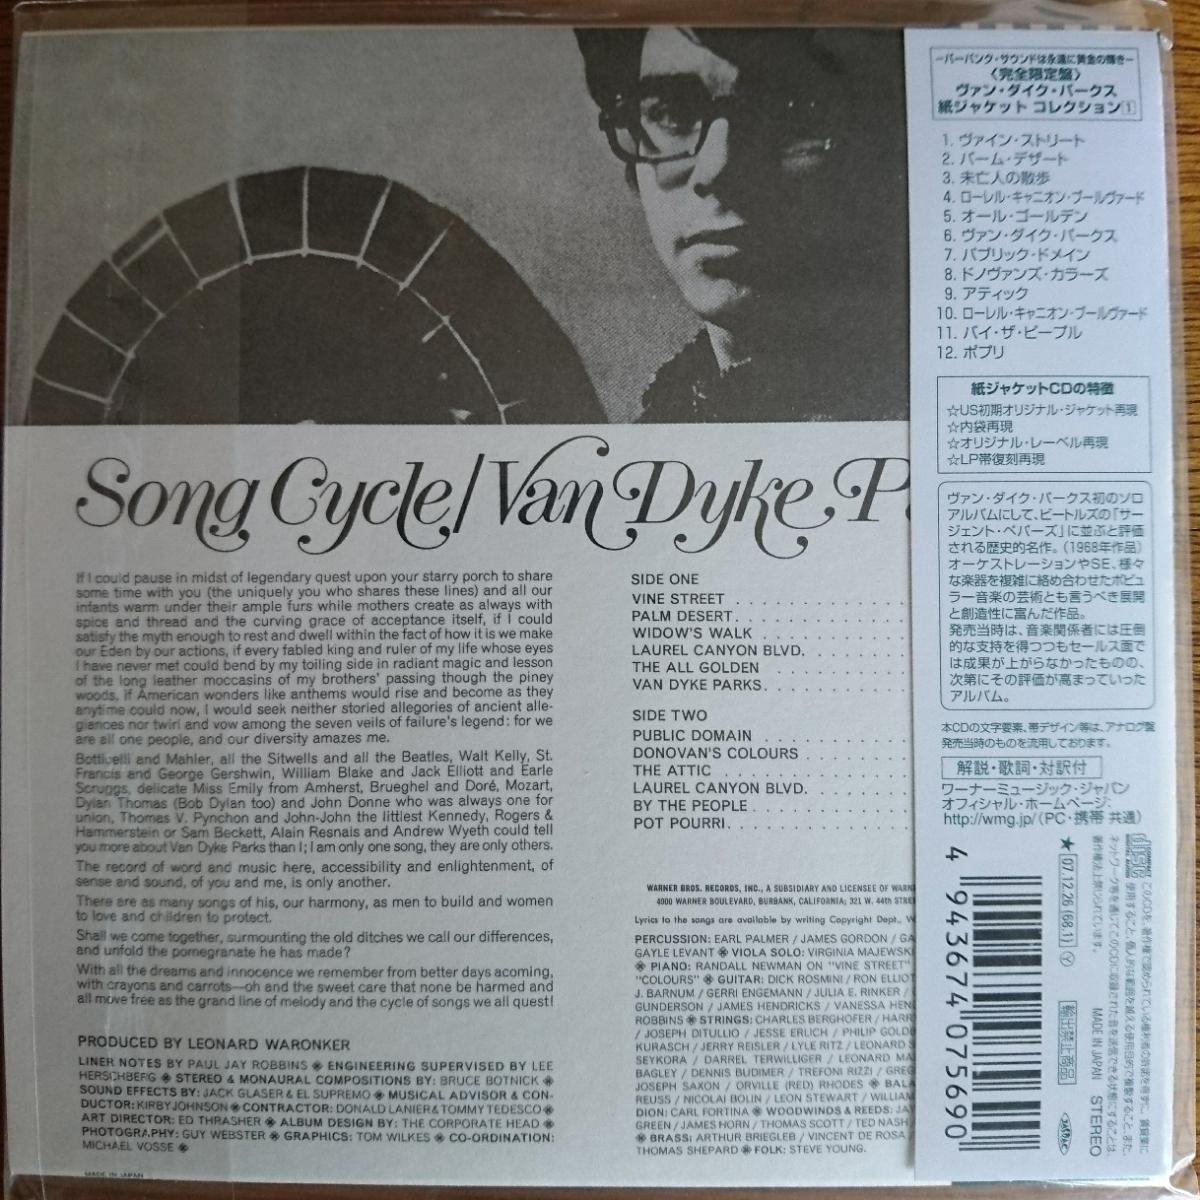 送料無料 中古CD 美品 紙ジャケット Van Dyke Parks song cycle ヴァン ダイク パークス ソング サイクル 完全生産限定盤_画像2